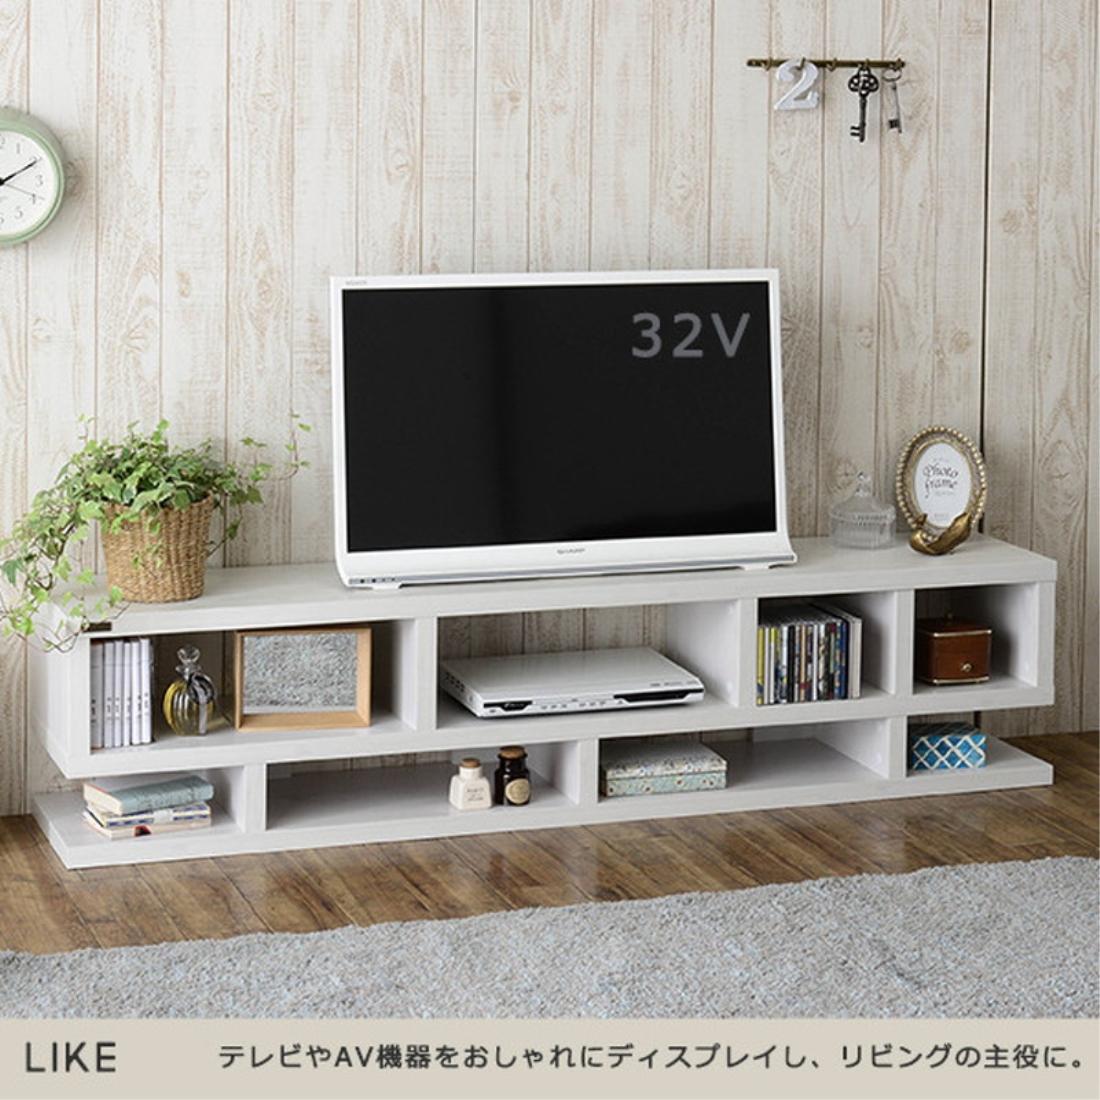 送料無料 オシャレ 家具 テレビ台 テレビ ボード TVボード Like(ライク) ローボード ローシェルフ(160cm幅/36cm高) オシャレ